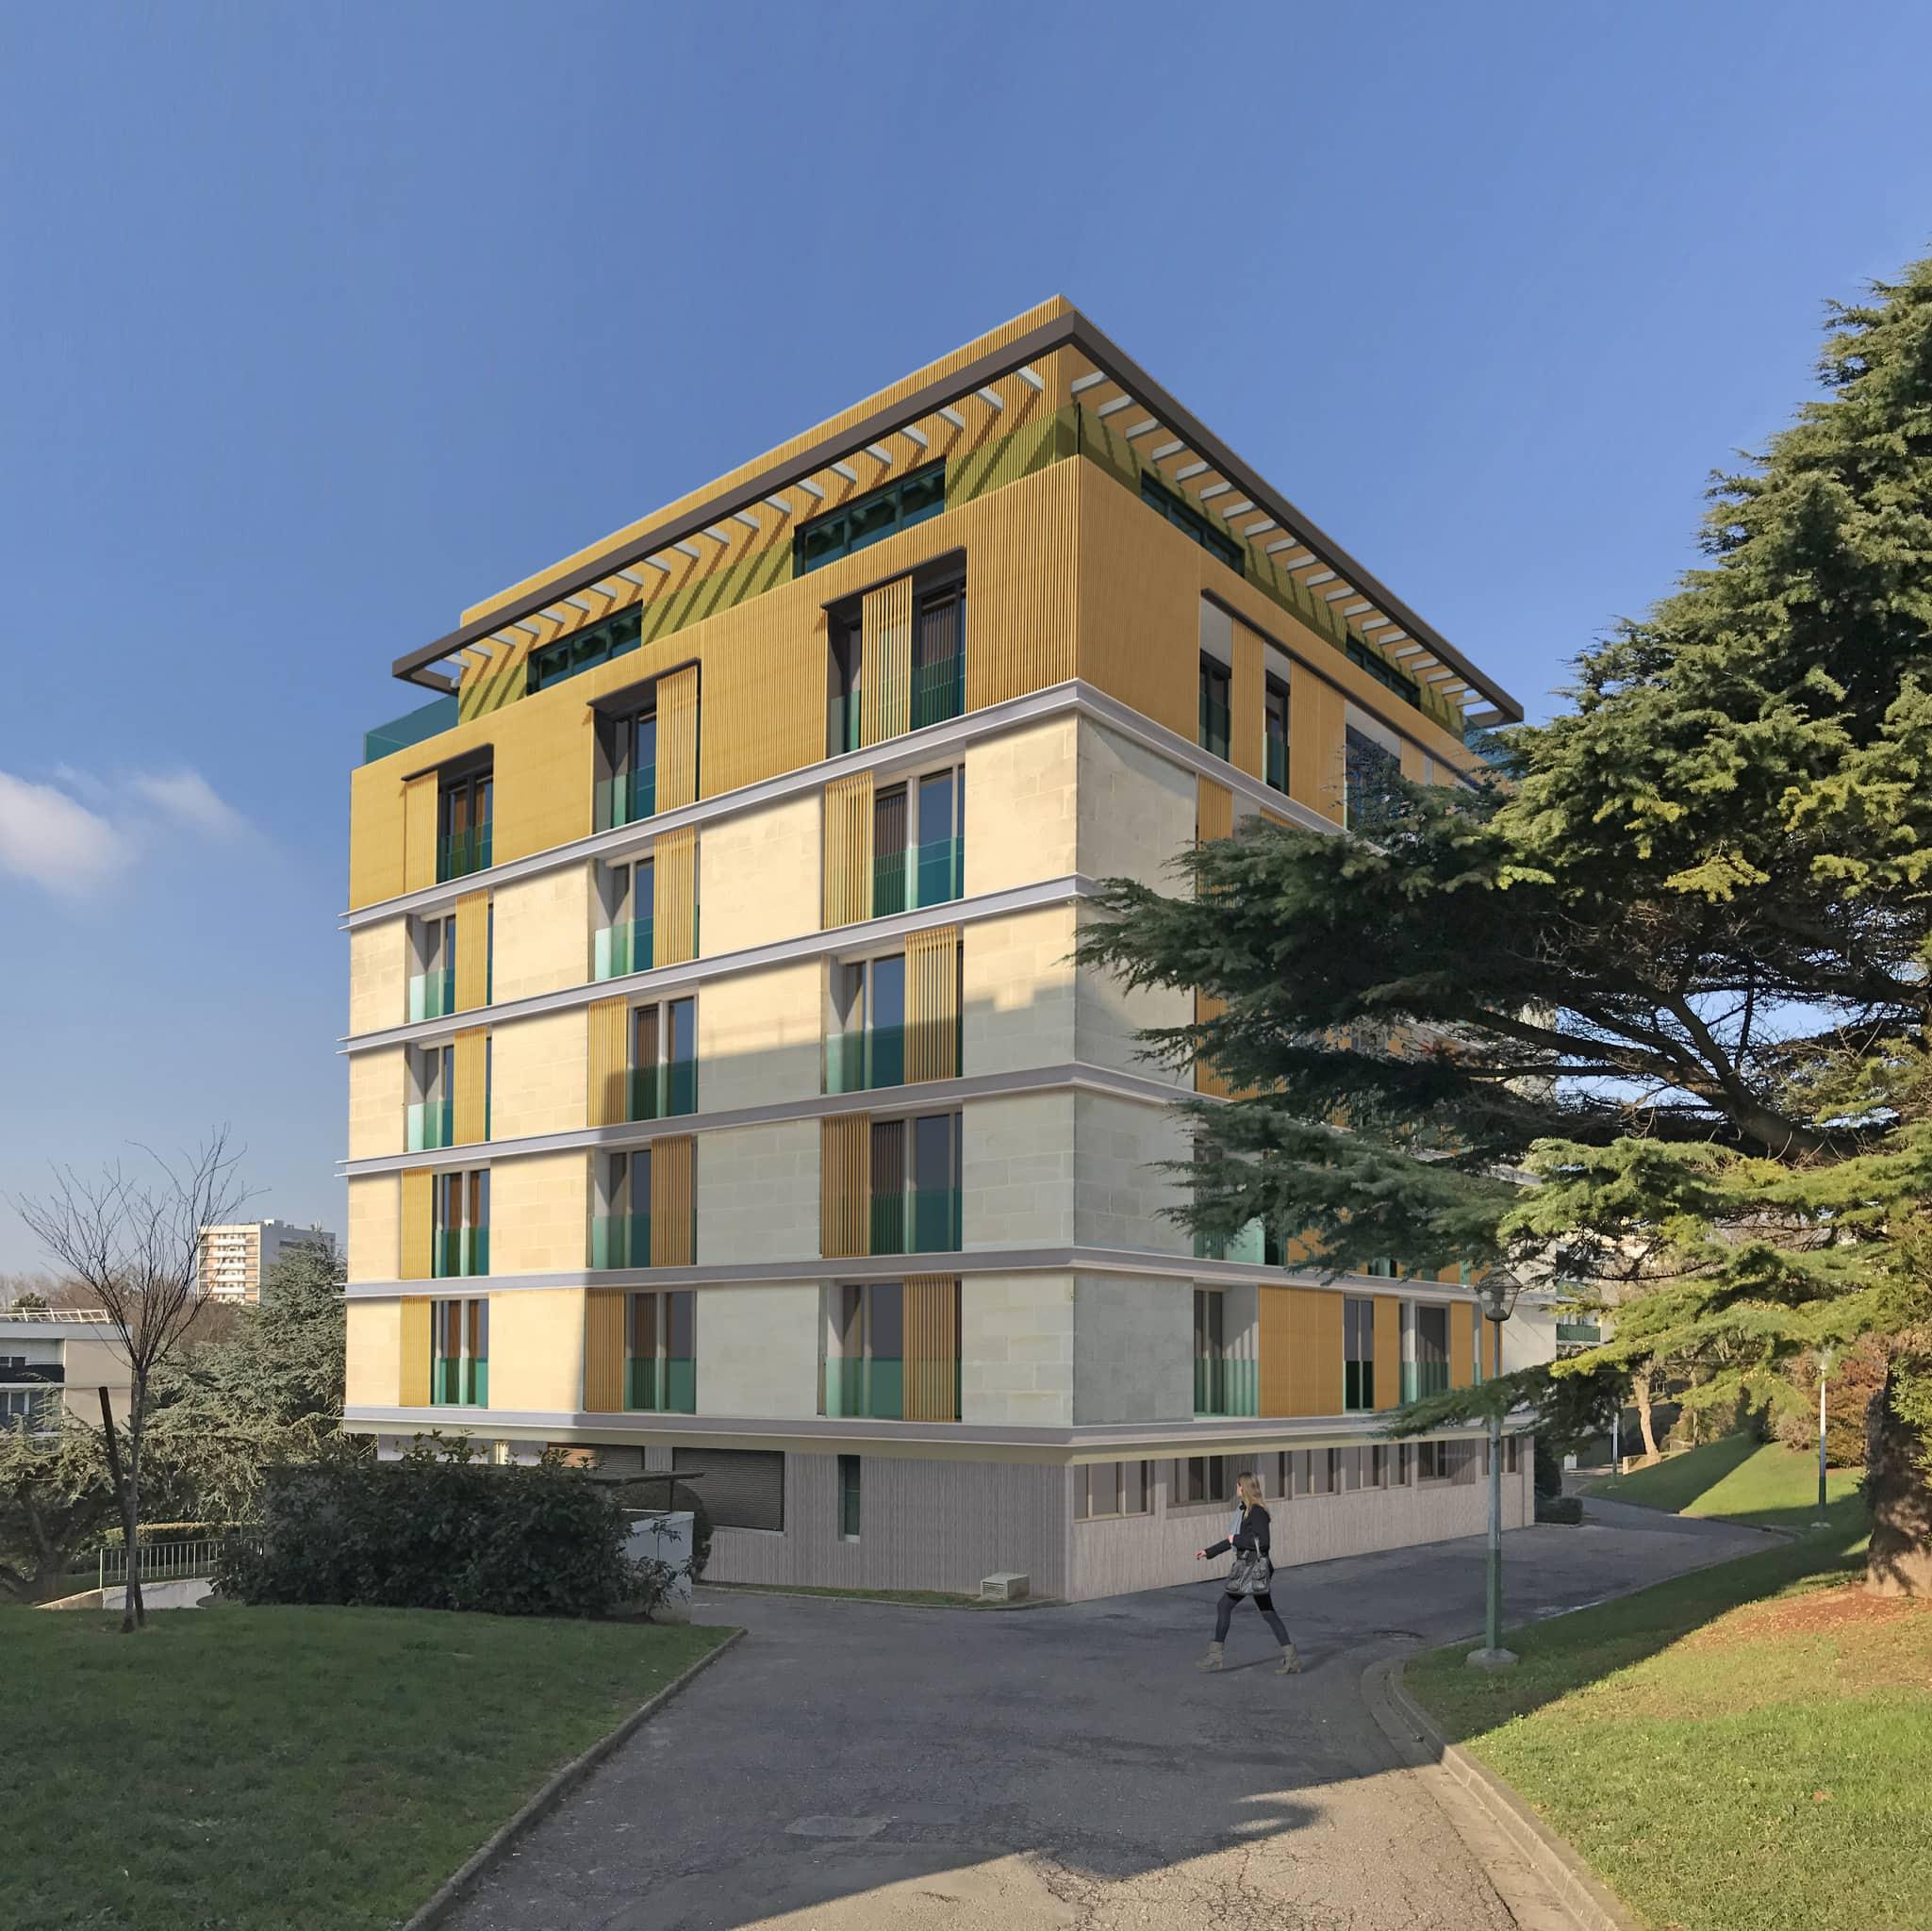 Immeuble avec surélévation en bois